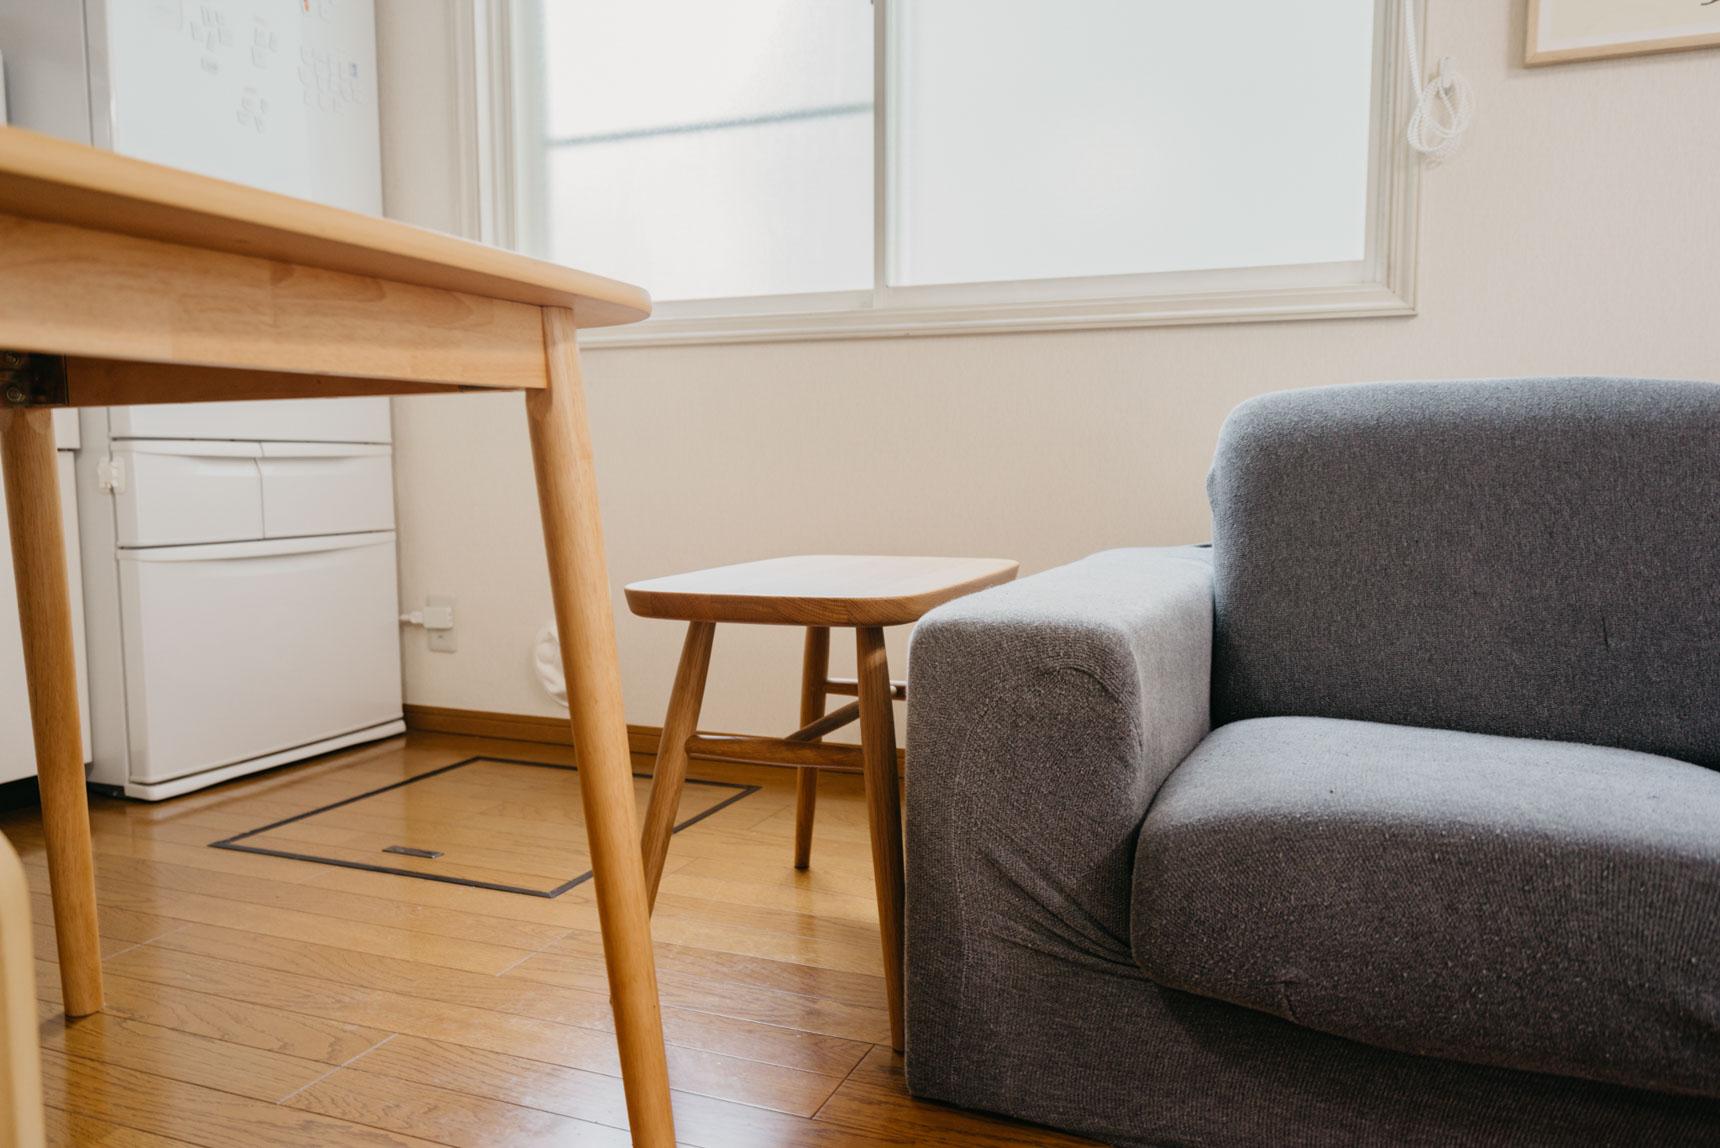 スツールなので来客用の椅子として使うこともできます。スツール兼サイドテーブル。真似したいアイディアです。